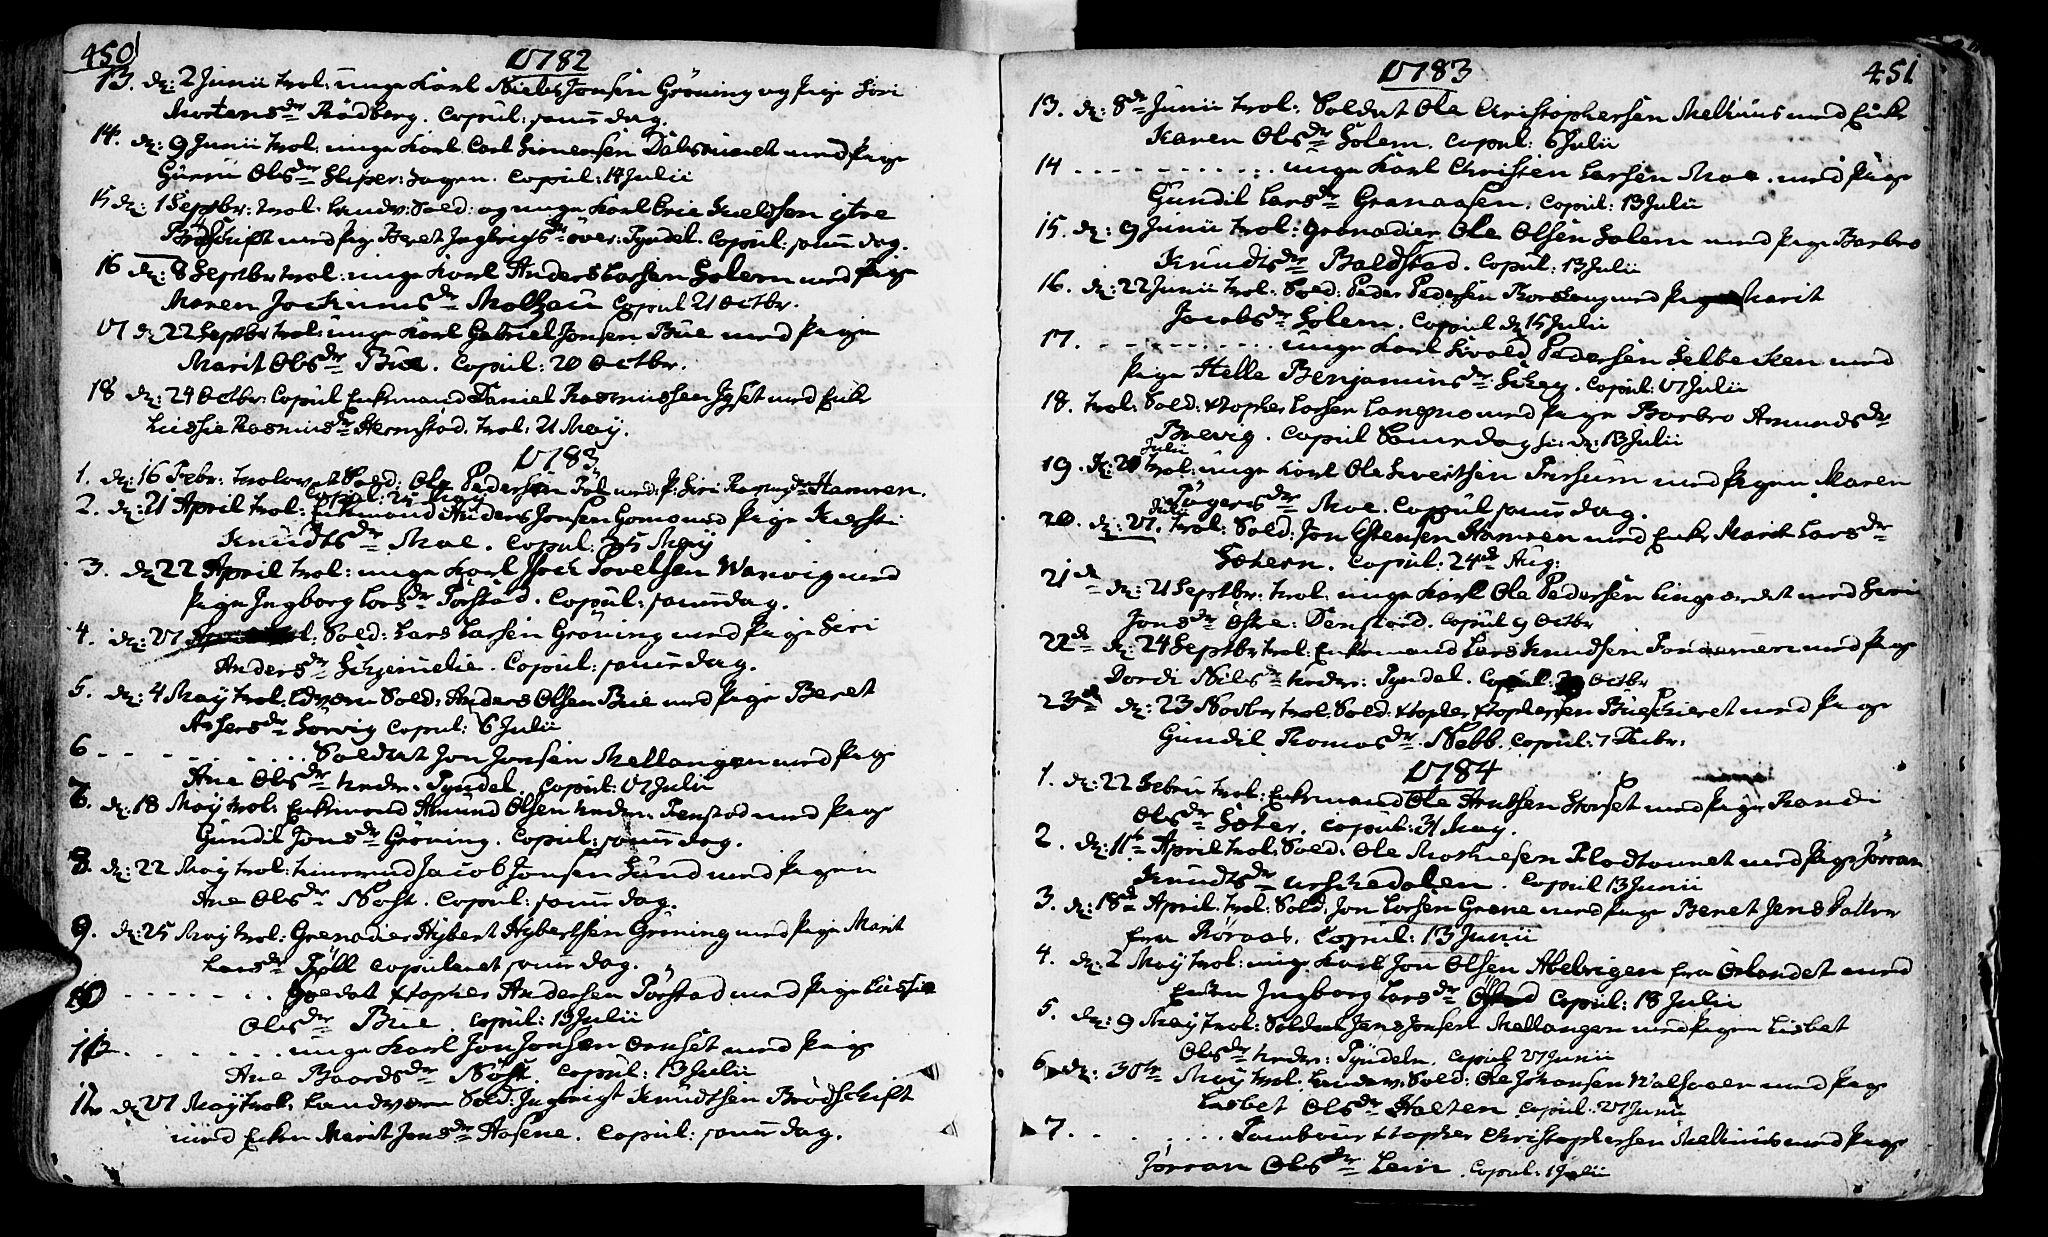 SAT, Ministerialprotokoller, klokkerbøker og fødselsregistre - Sør-Trøndelag, 646/L0605: Ministerialbok nr. 646A03, 1751-1790, s. 450-451